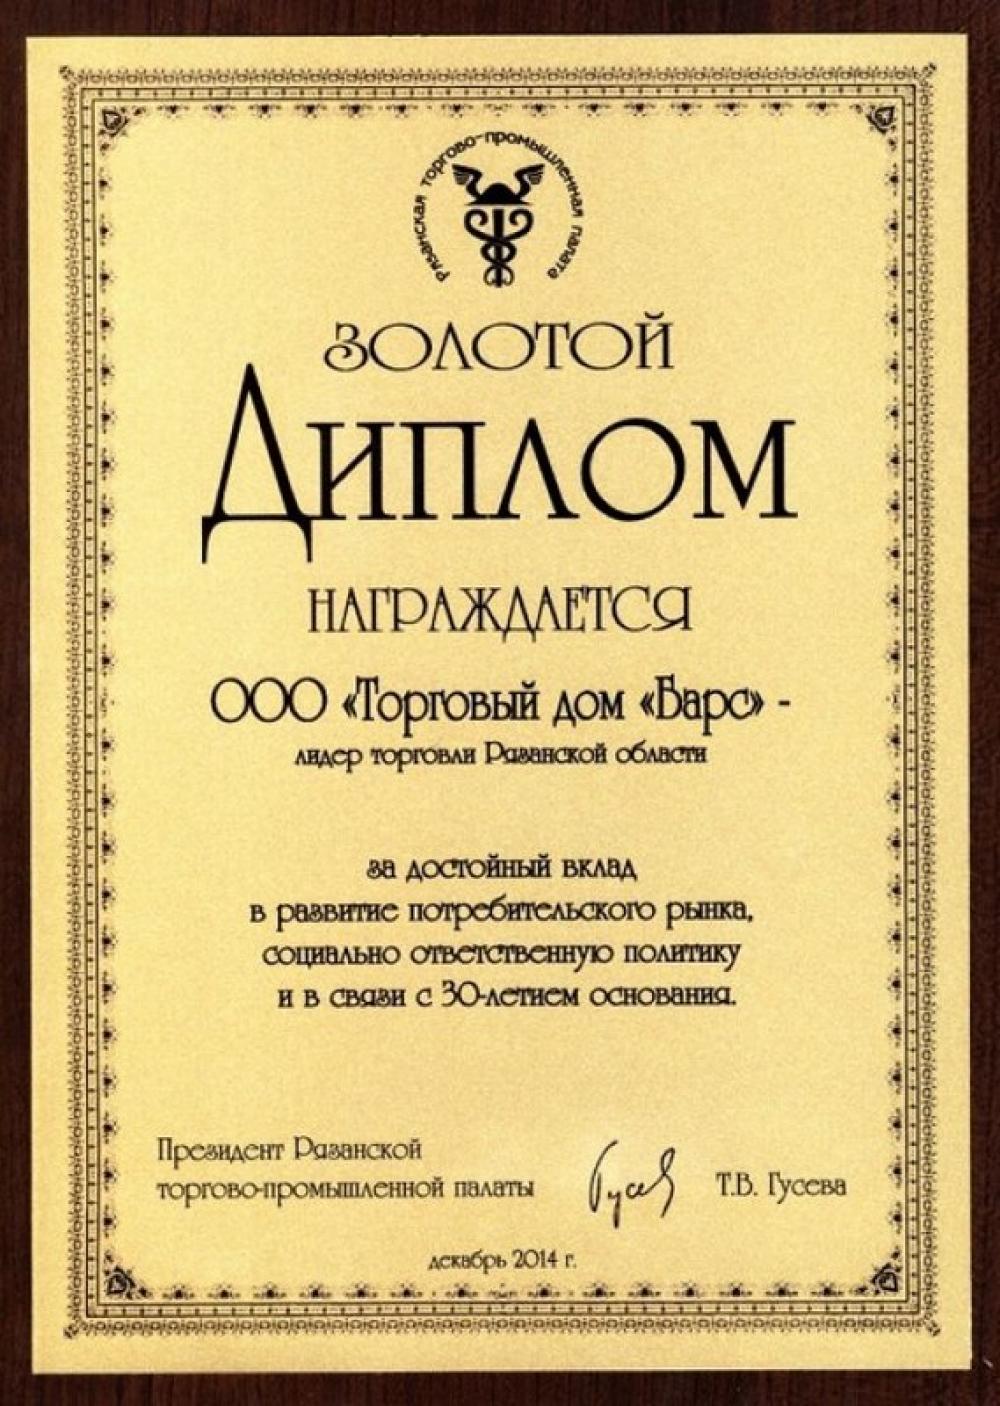 ГК Барс получил Золотой диплом Торгово промышленной палаты  26 2014